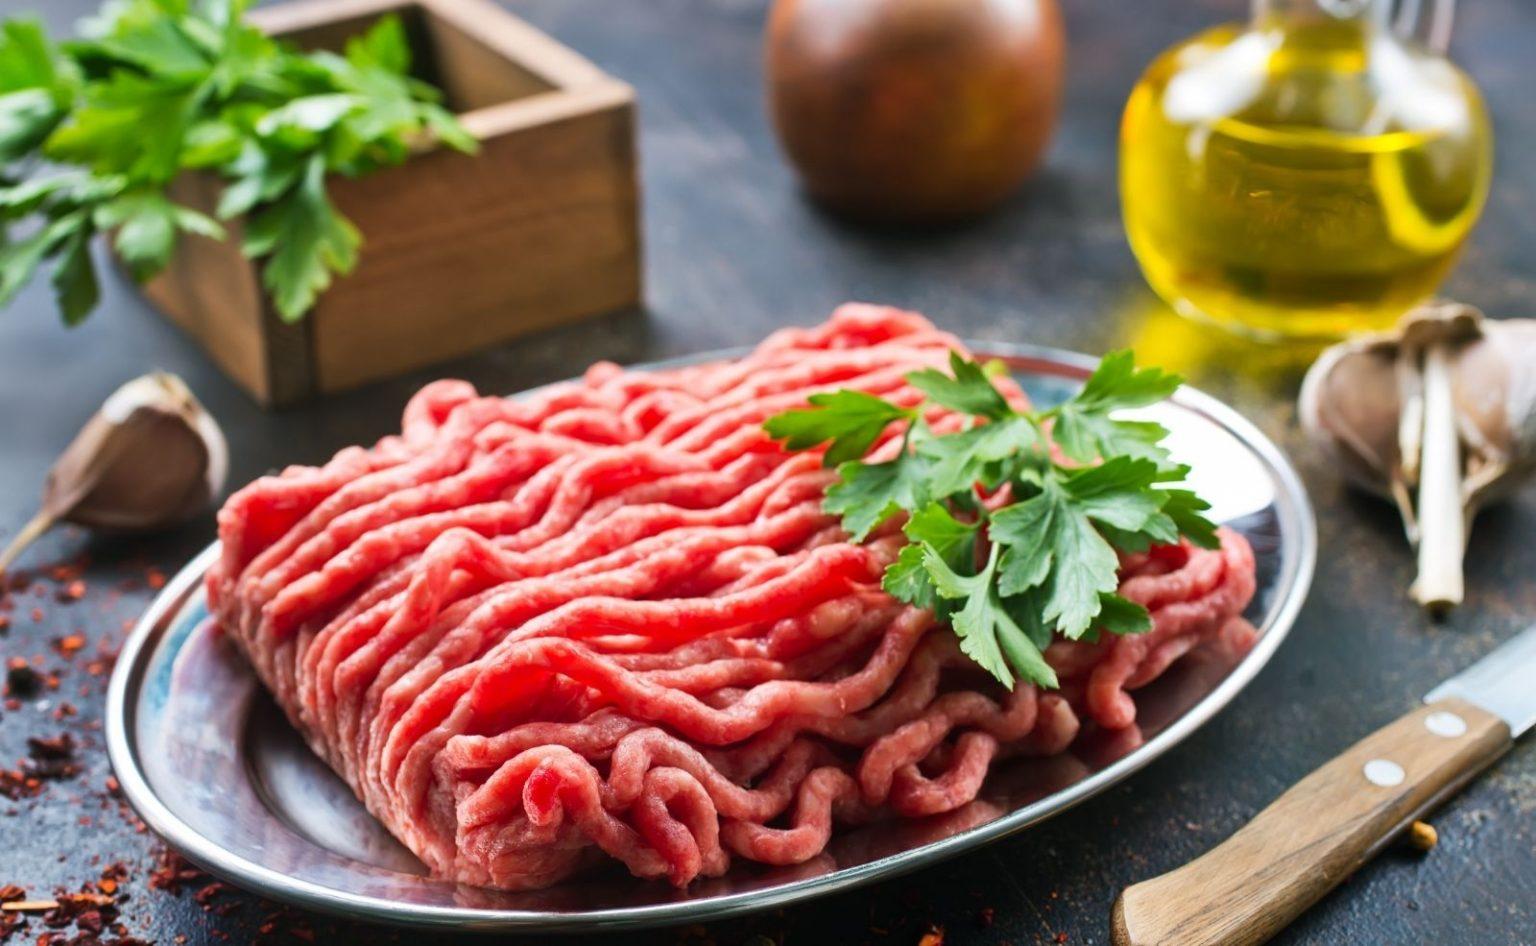 Hackfleisch ist grau: Woran liegt es? - Küchenfinder